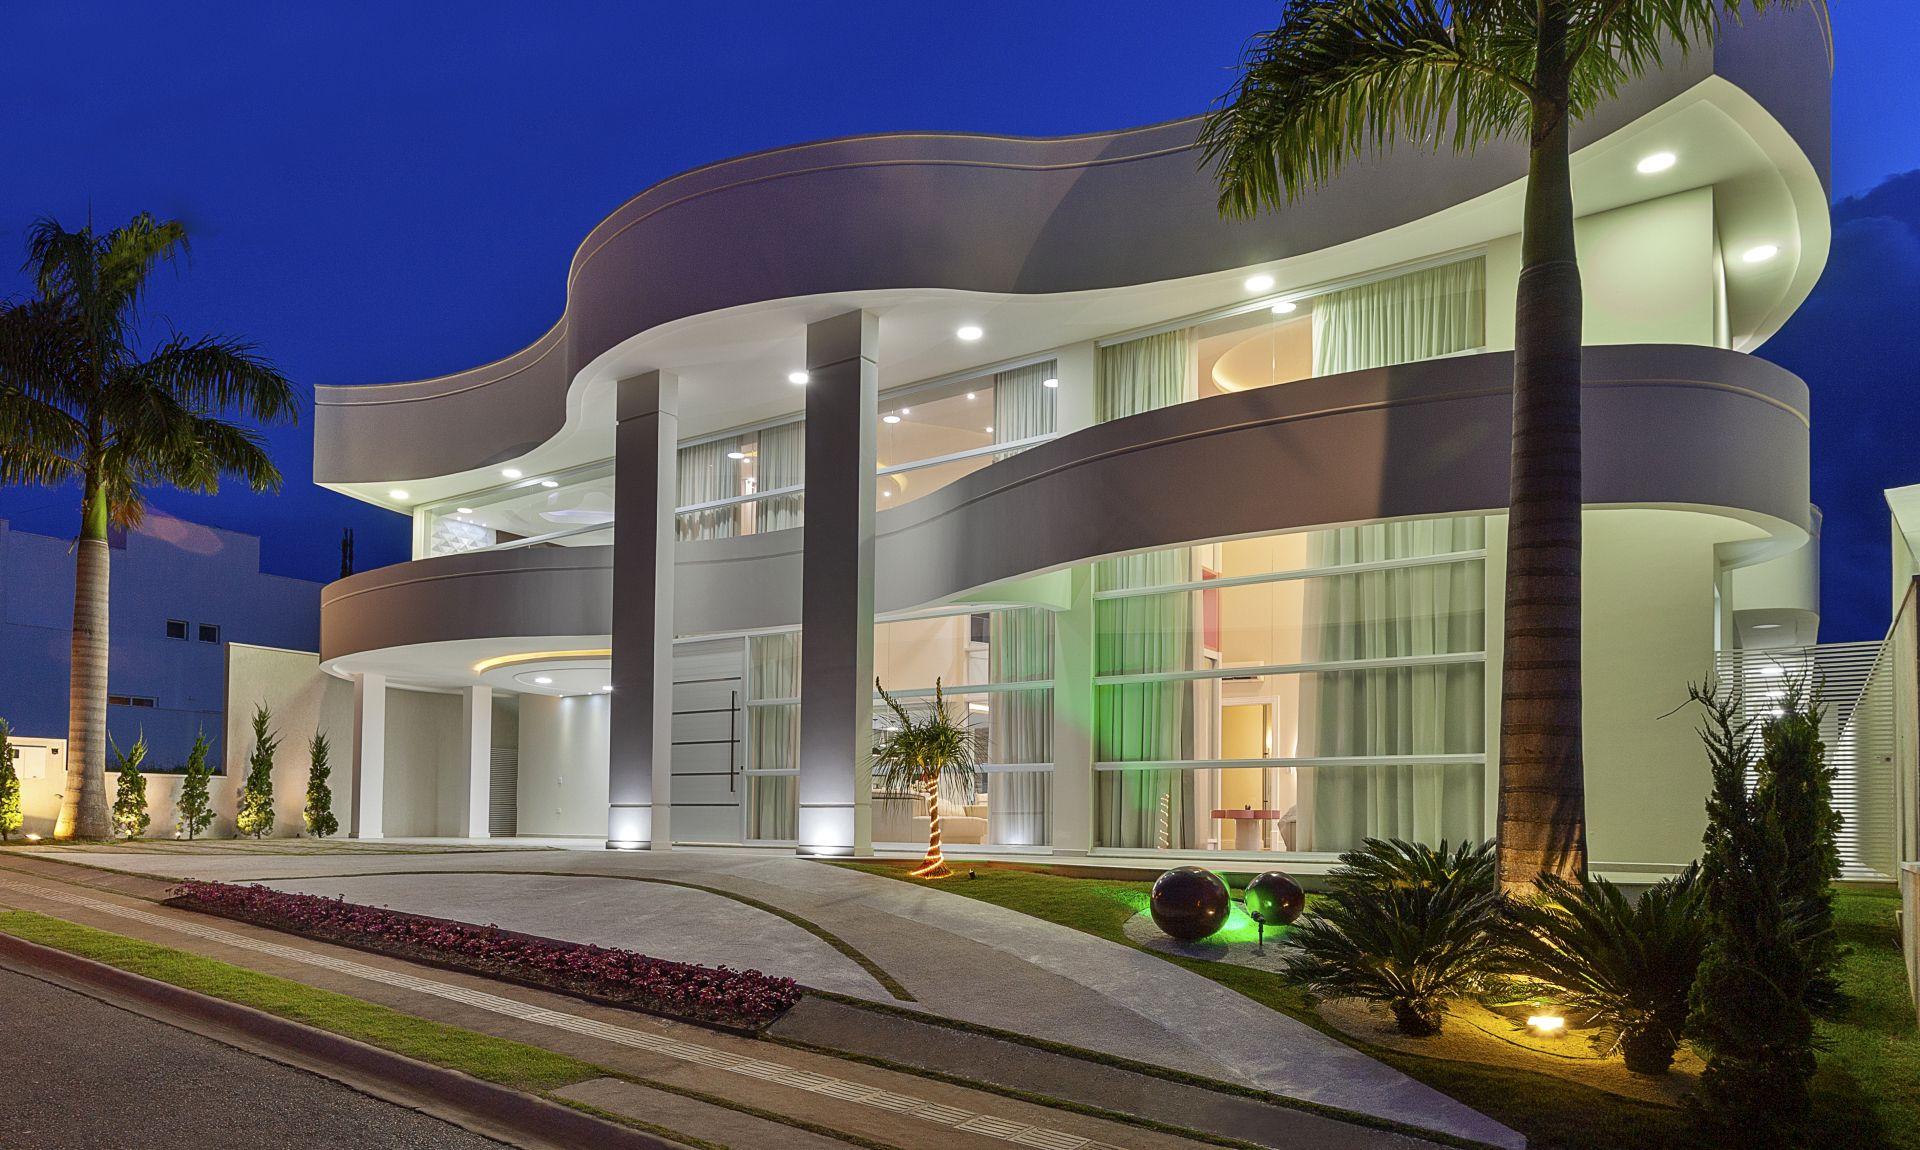 Arquiteto - Aquiles Nícolas Kílaris